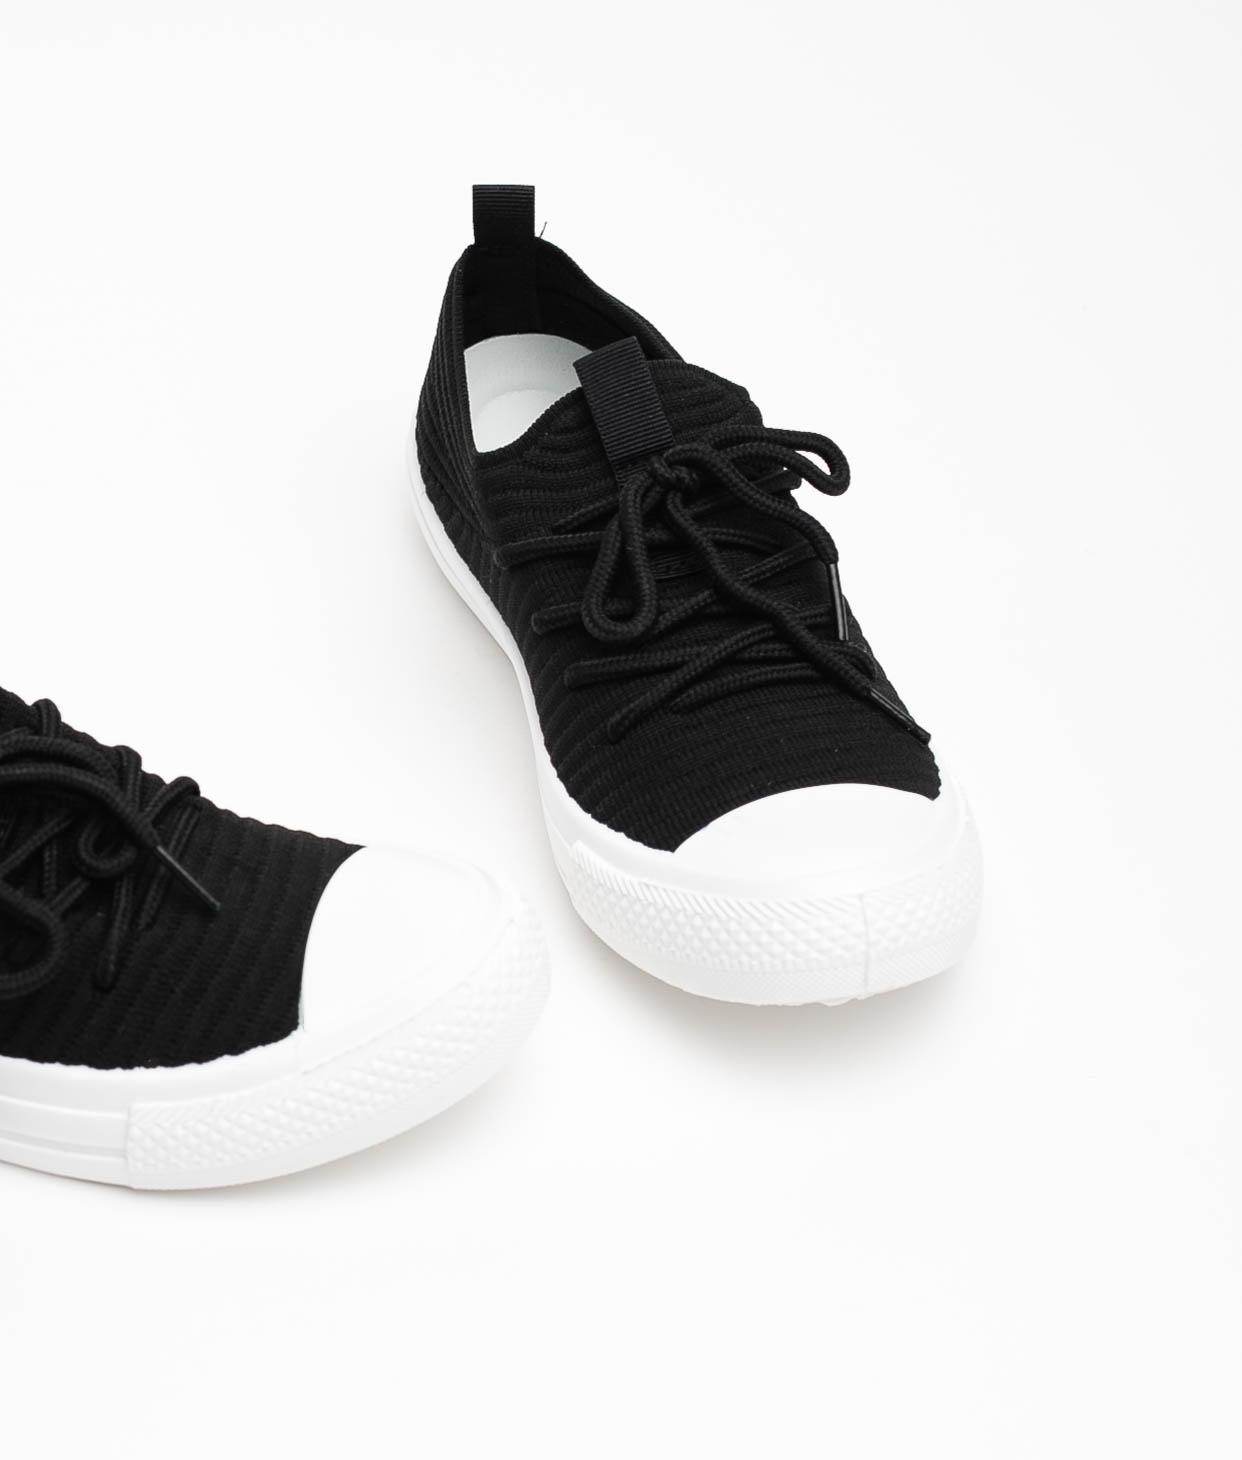 Sneakers Leven - Black